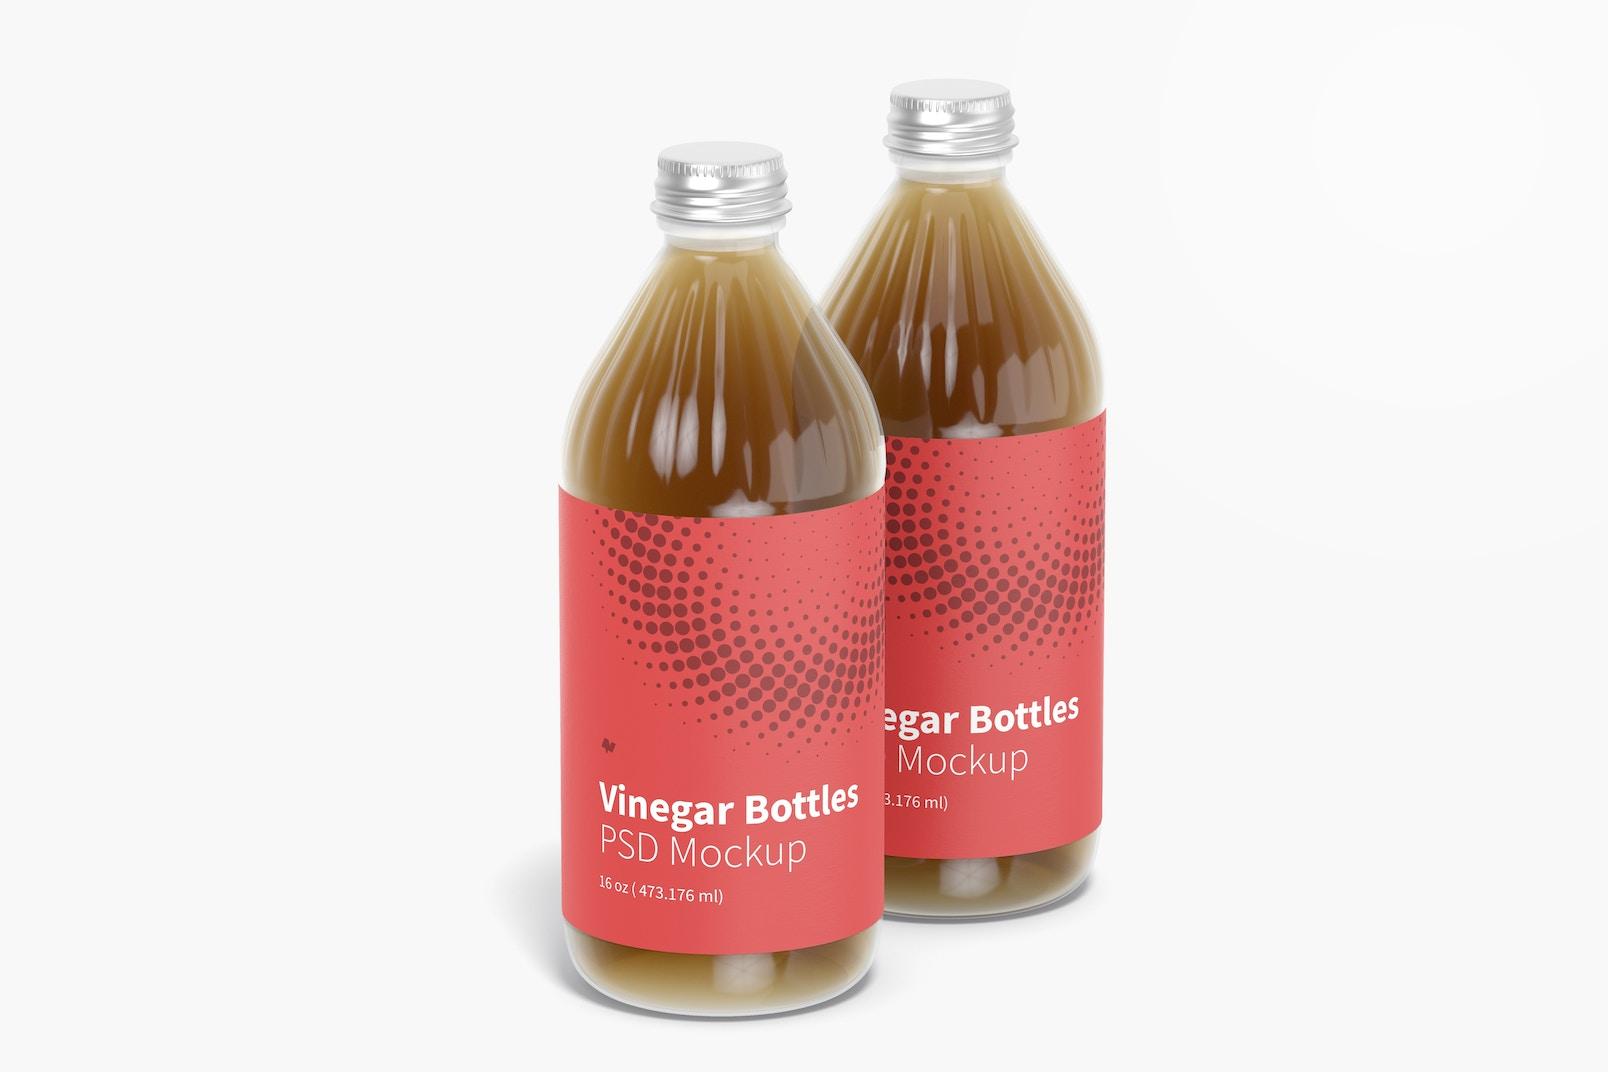 16 oz Glass Vinegar Bottles Mockup